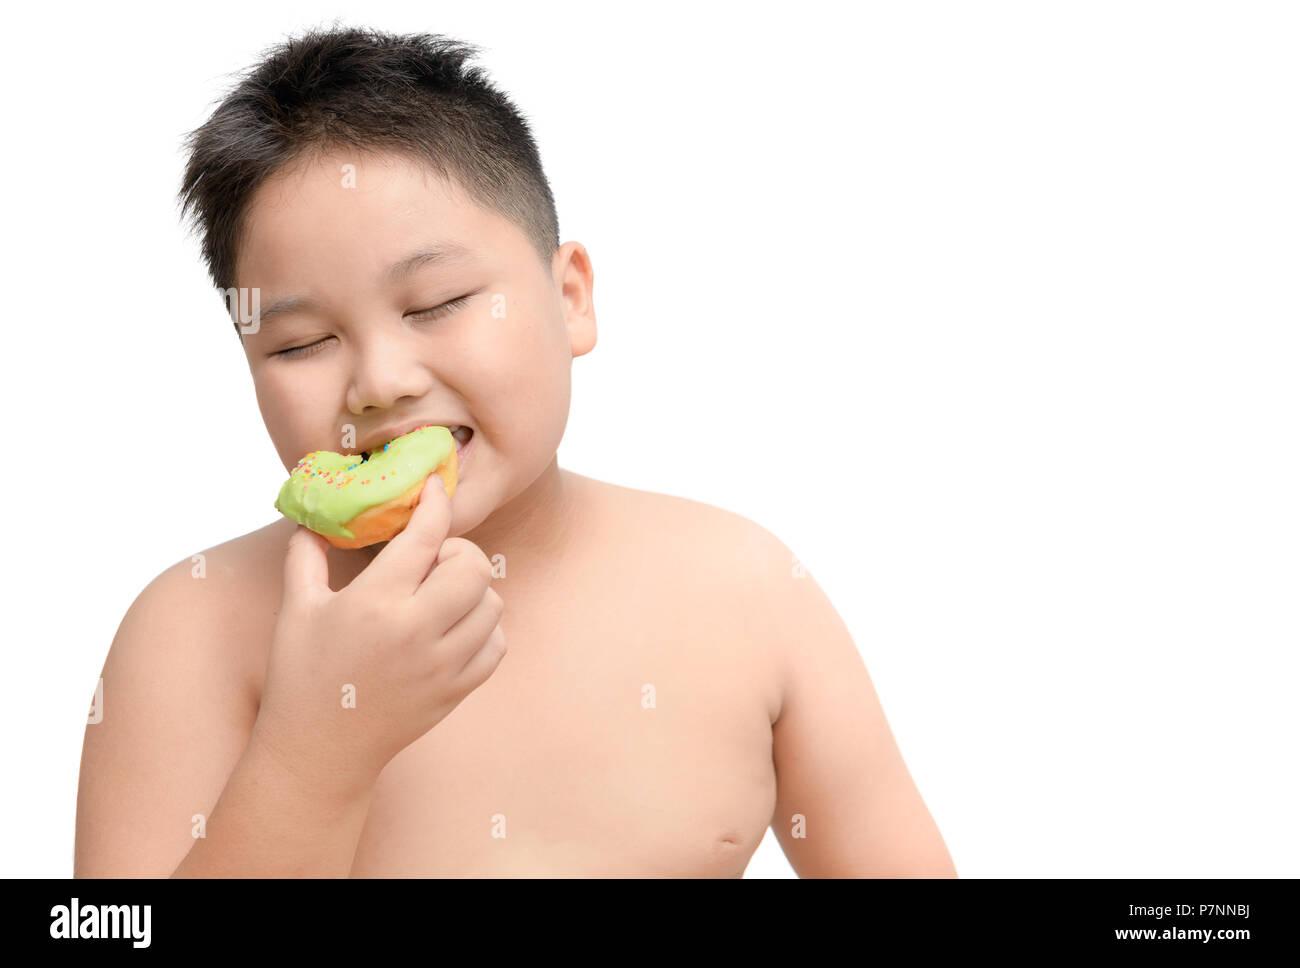 Beleibte Fat Boy zum Essen der Krapfen auf weißem Hintergrund genießen, Junk Food und Diäten Konzept Stockbild